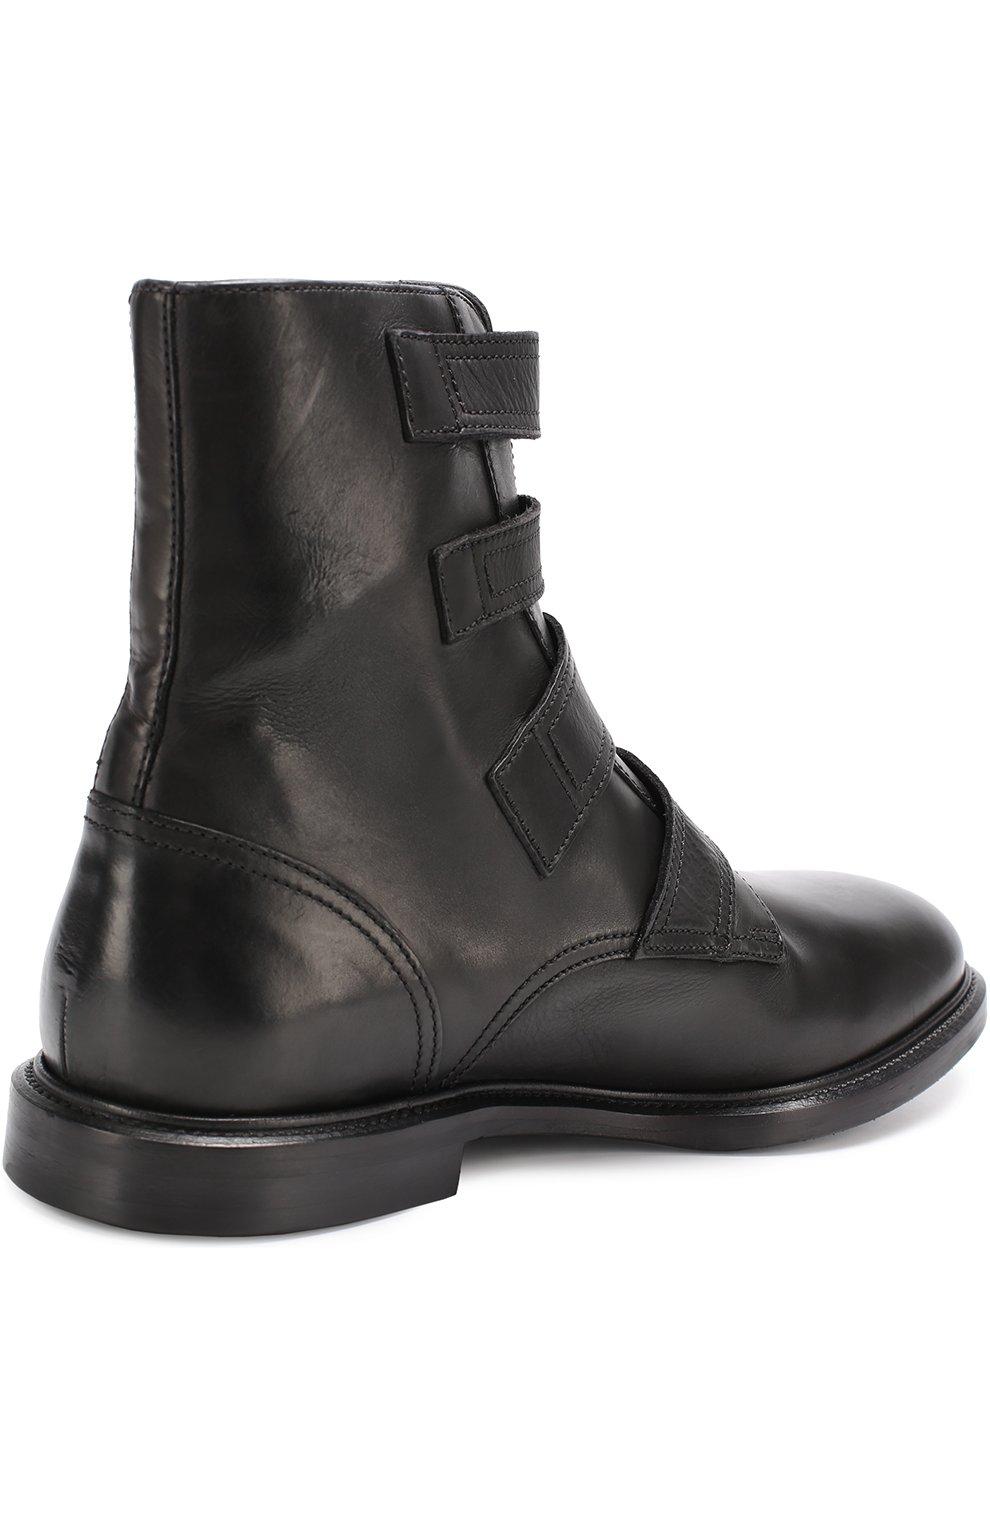 Кожаные ботинки Marsala с ремешками Dolce & Gabbana черные | Фото №4